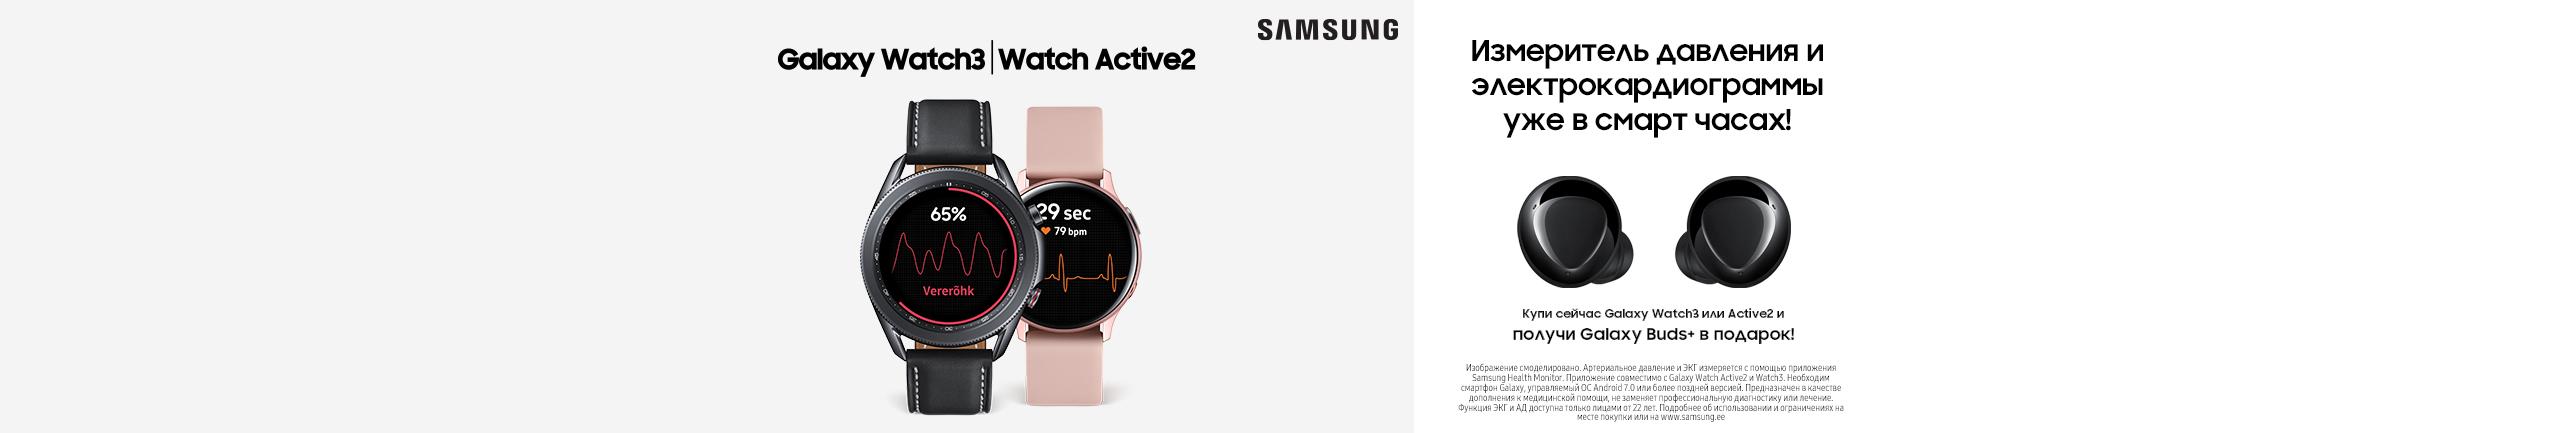 Купите Galaxy Watch 3 или Active 2 и получите Galaxy Buds+ в подарок!